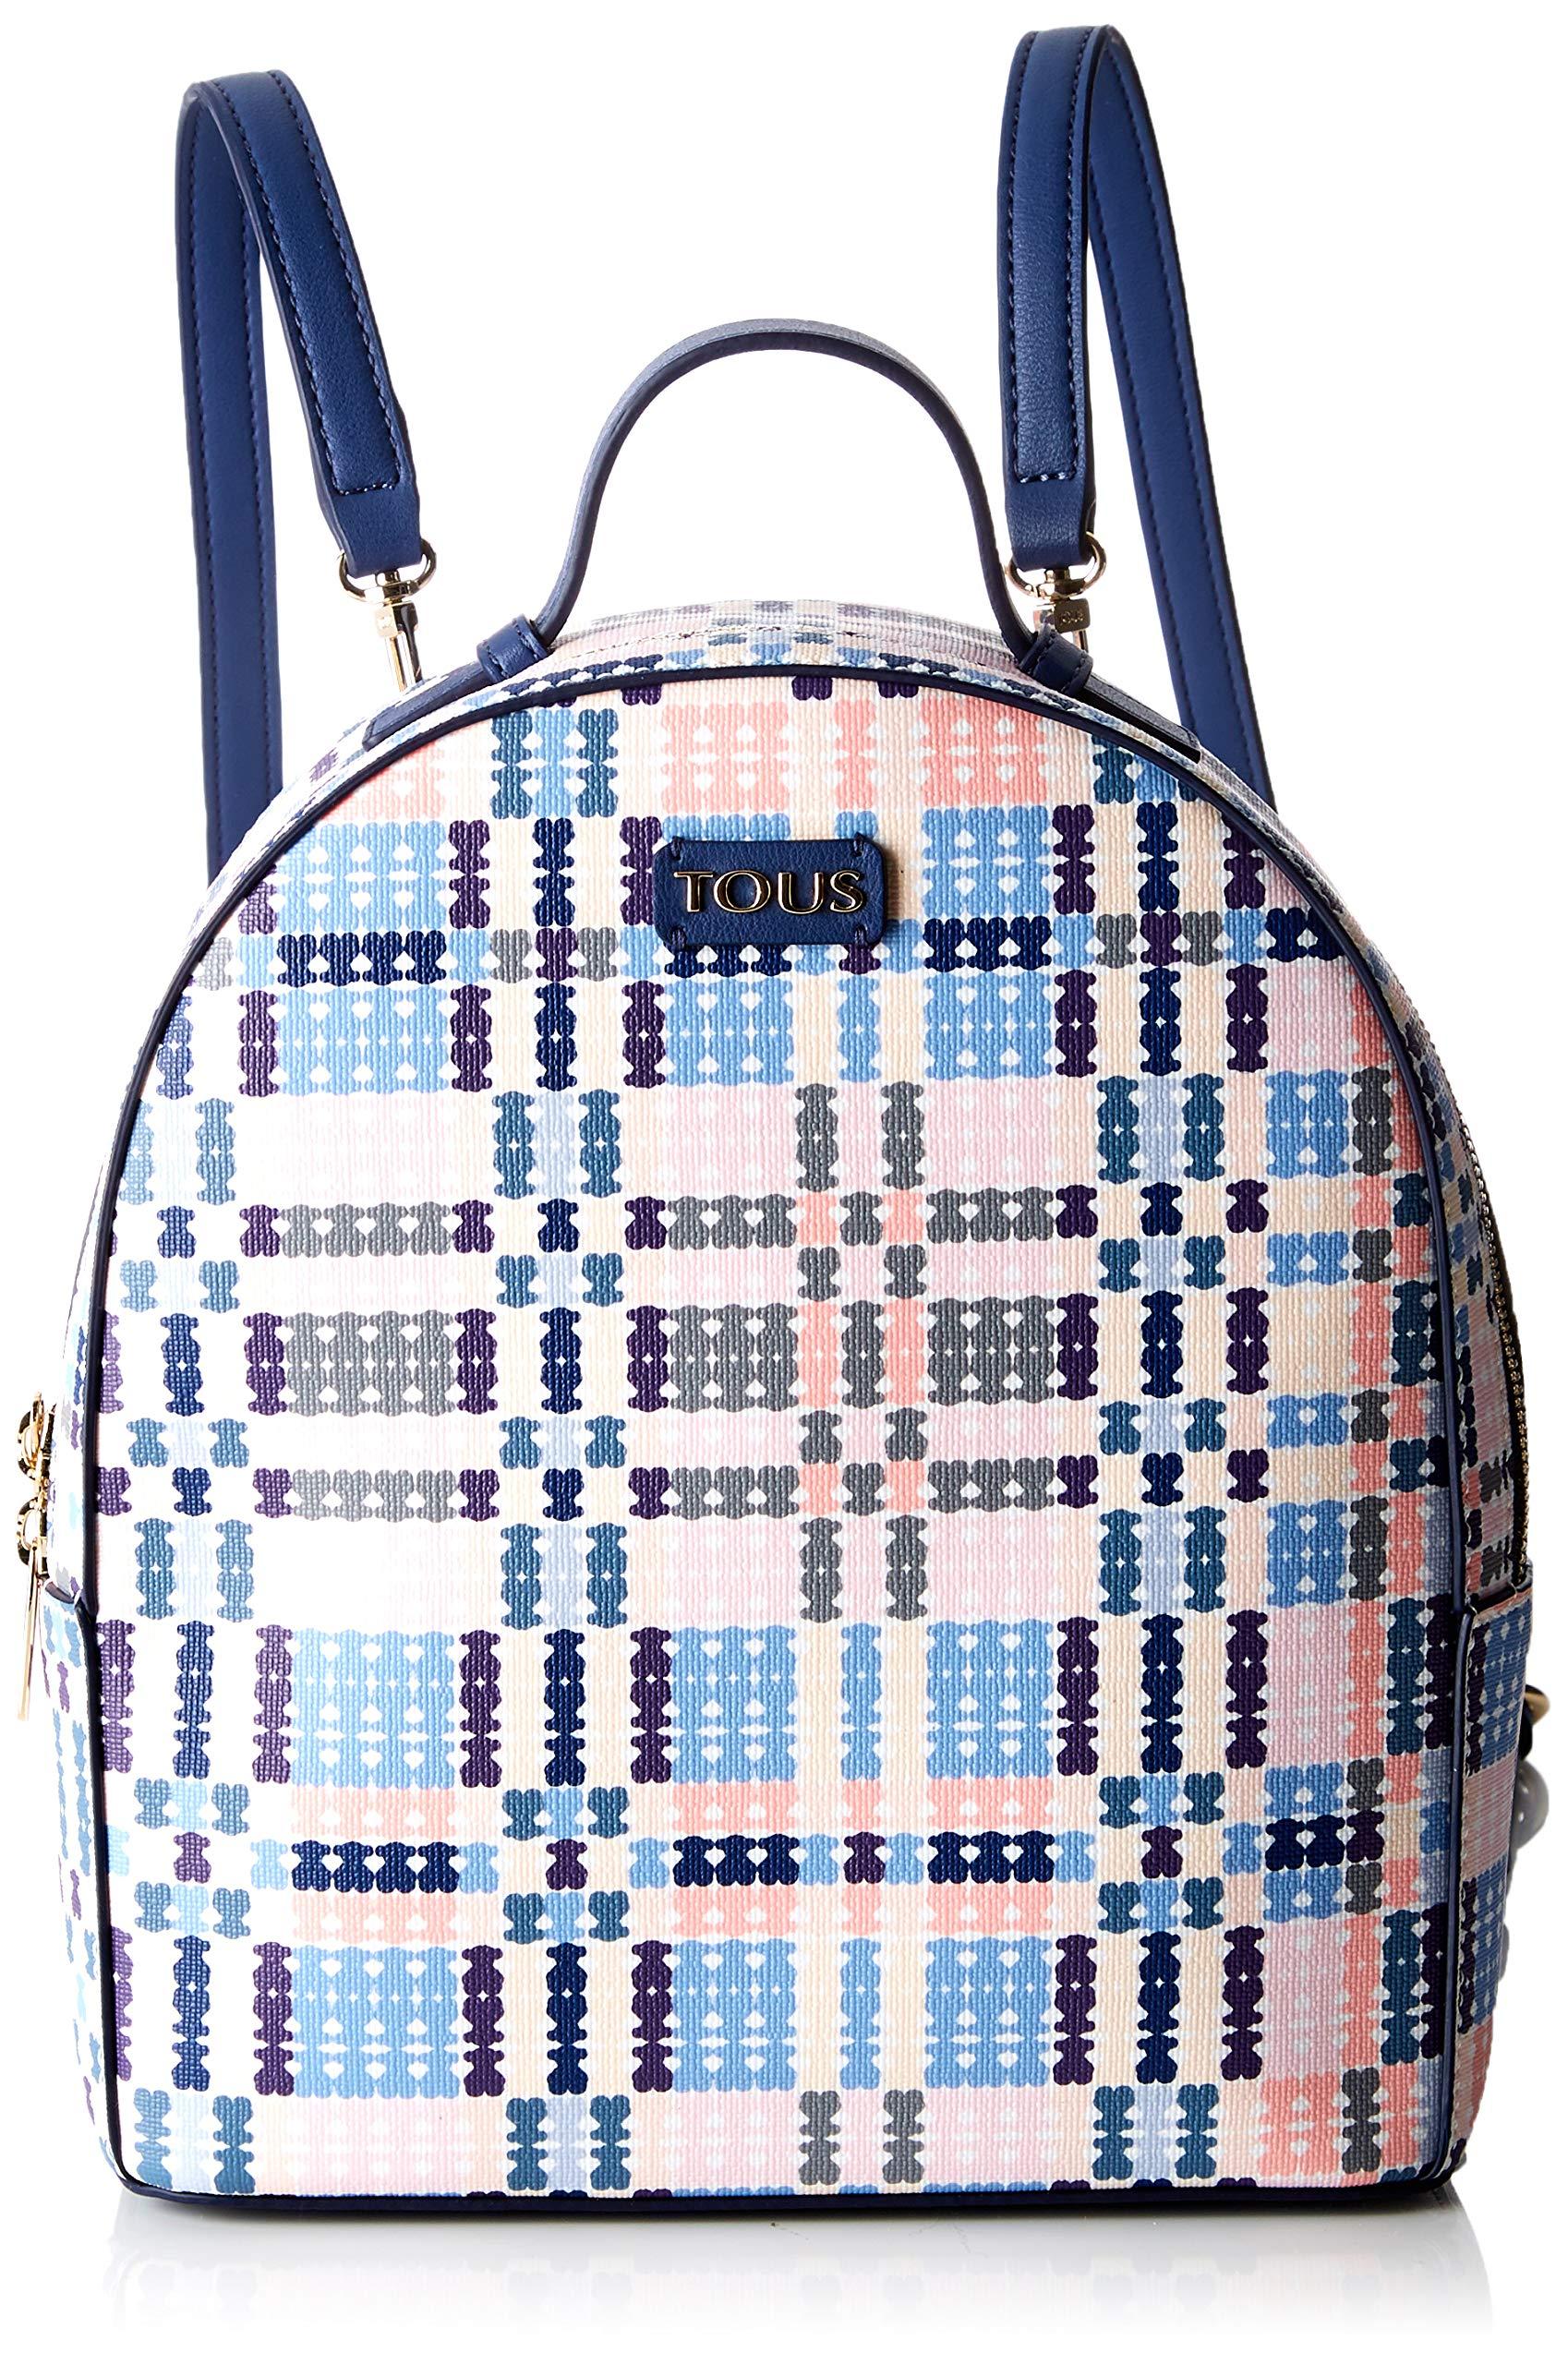 91SiJOBdHSL - Tous 995800183, Bolso mochila para Mujer, Azul (Azul), 21x25x9 cm (W x H x L)